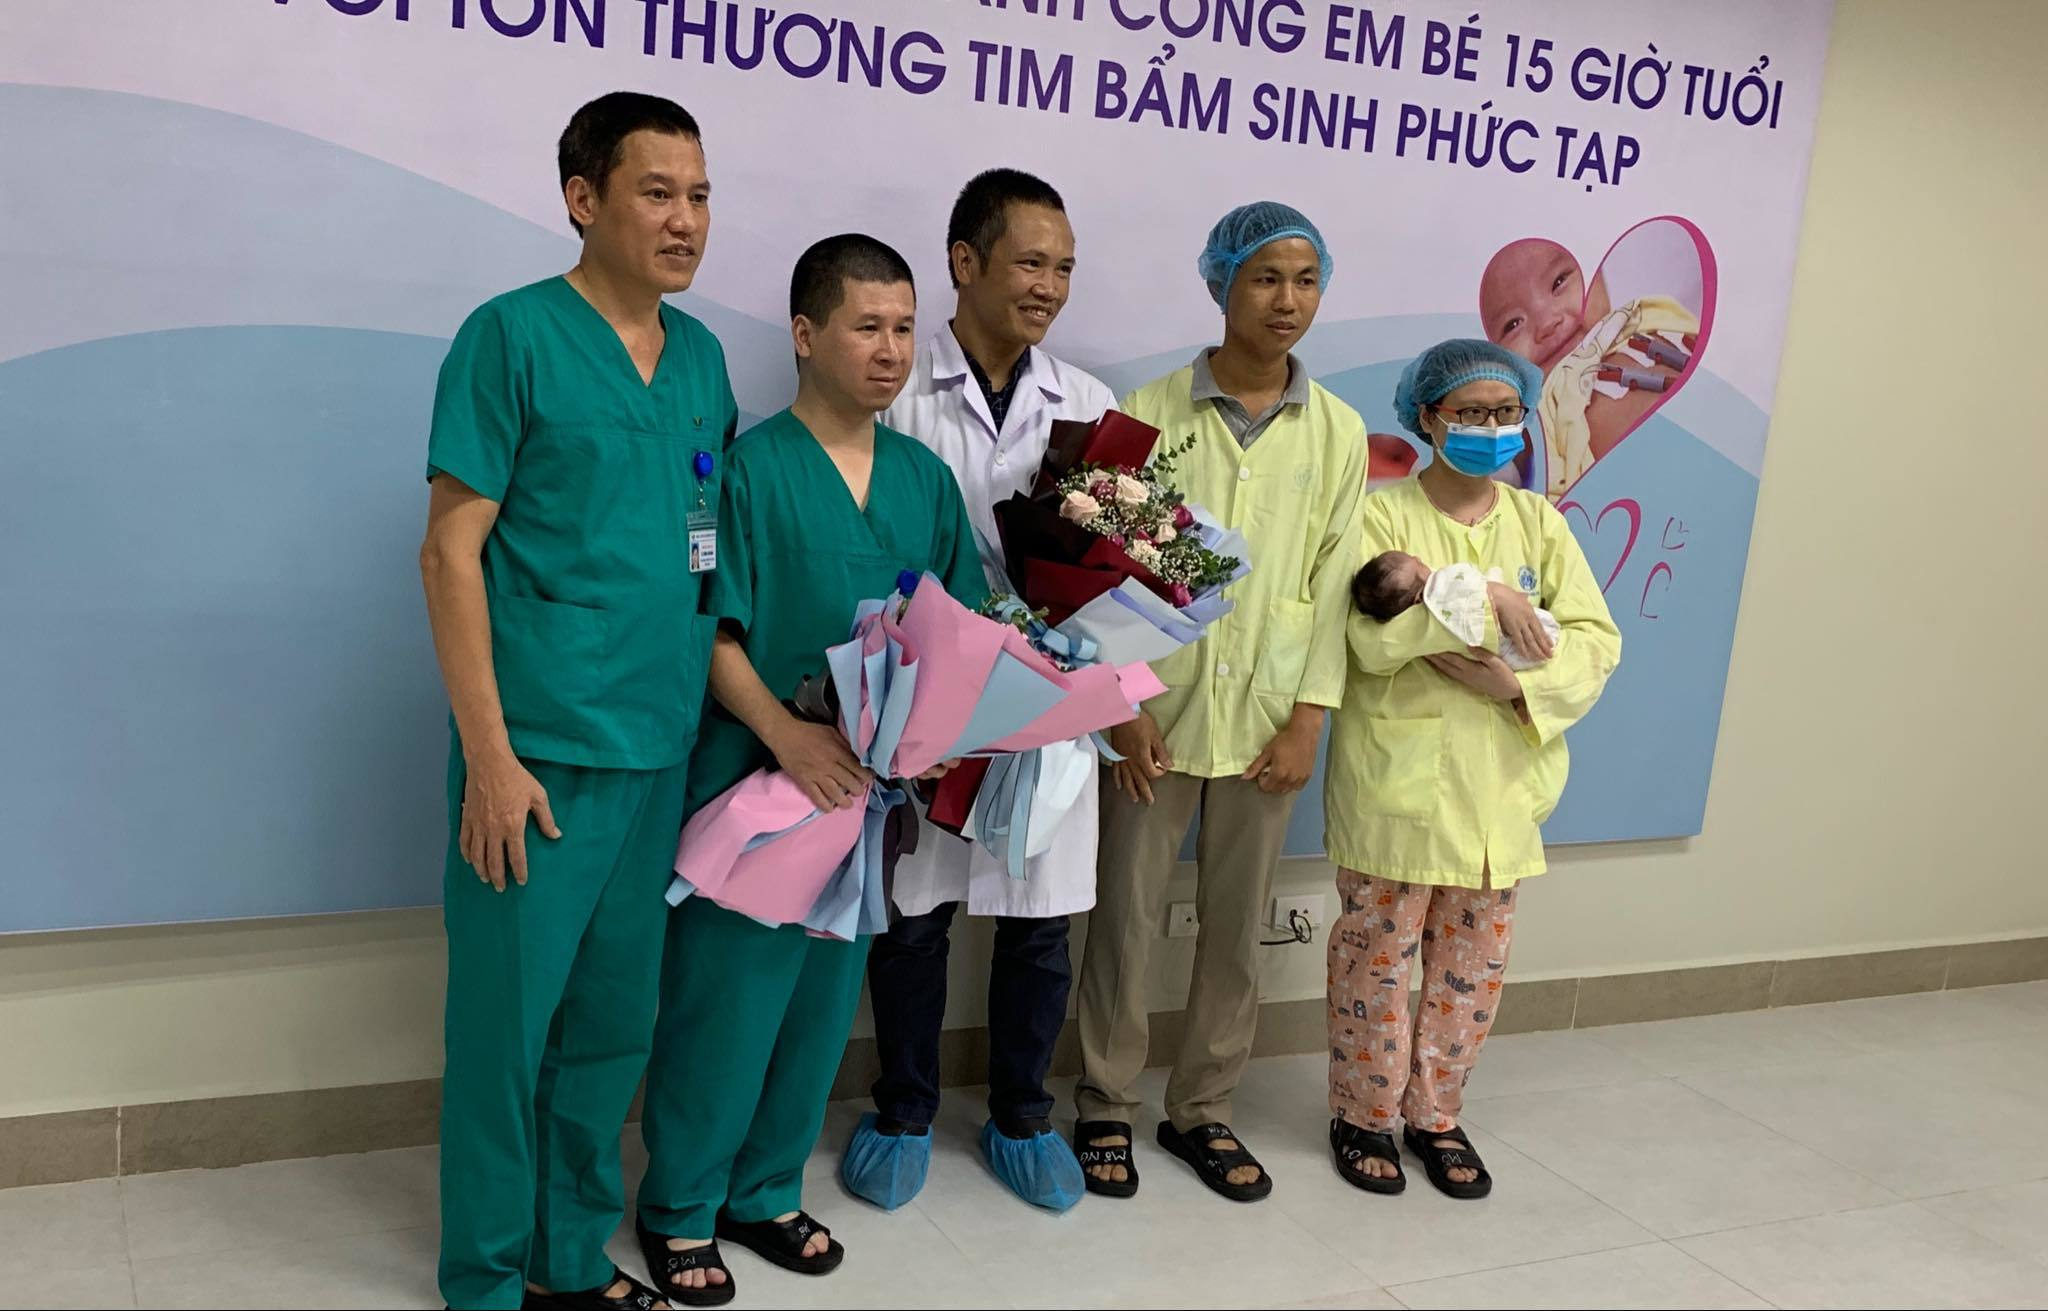 Sửa chữa trái tim cho em bé chào đời được 15 giờ tuổi